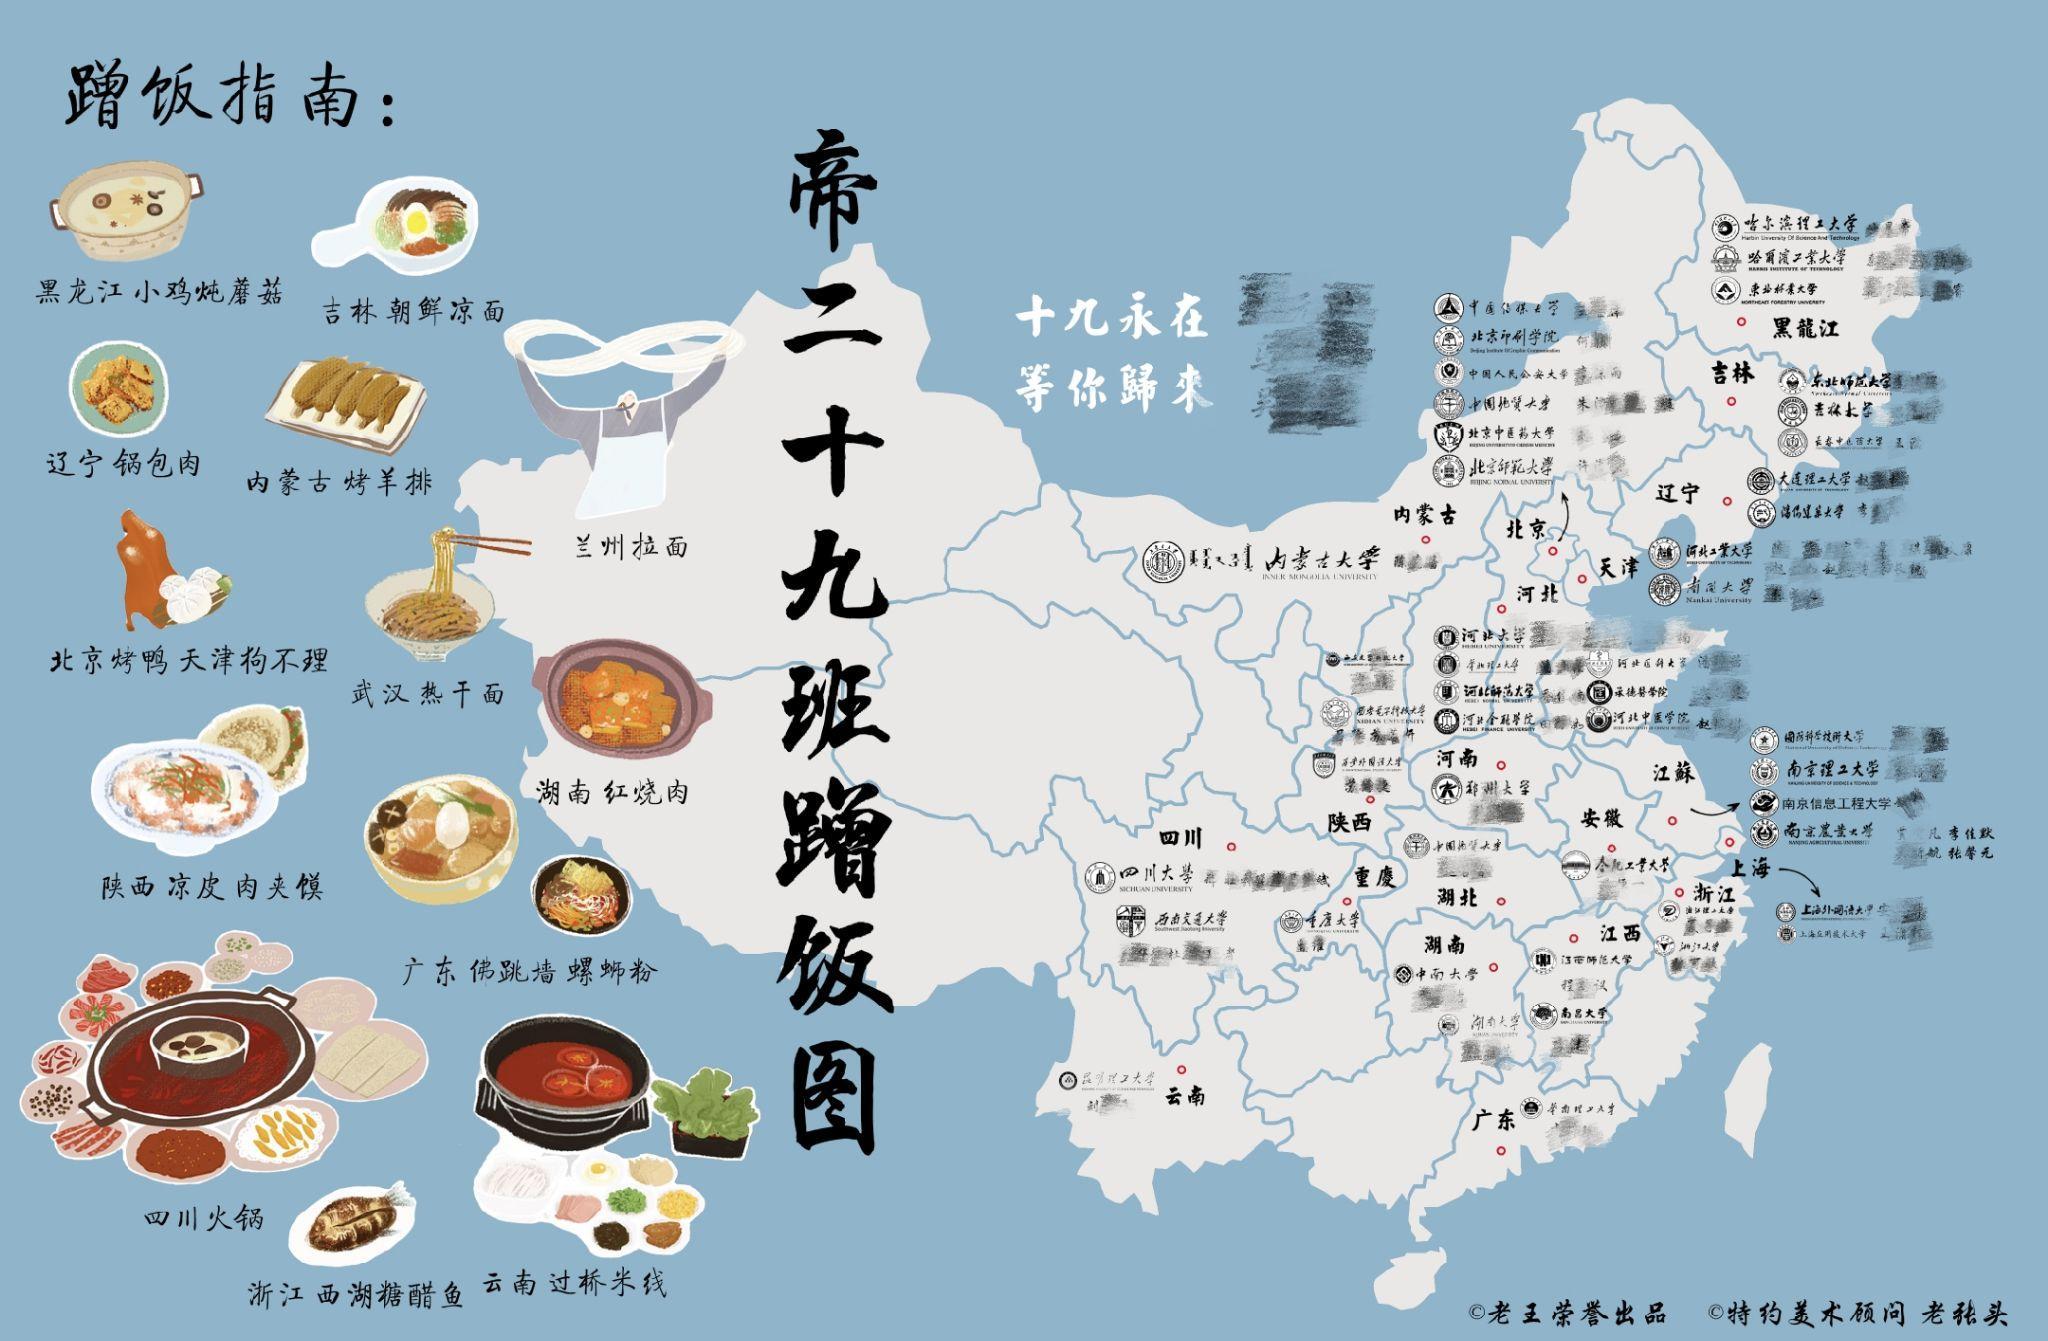 岳阳准大学生手绘蹭饭地图 11省旅游吃饭不